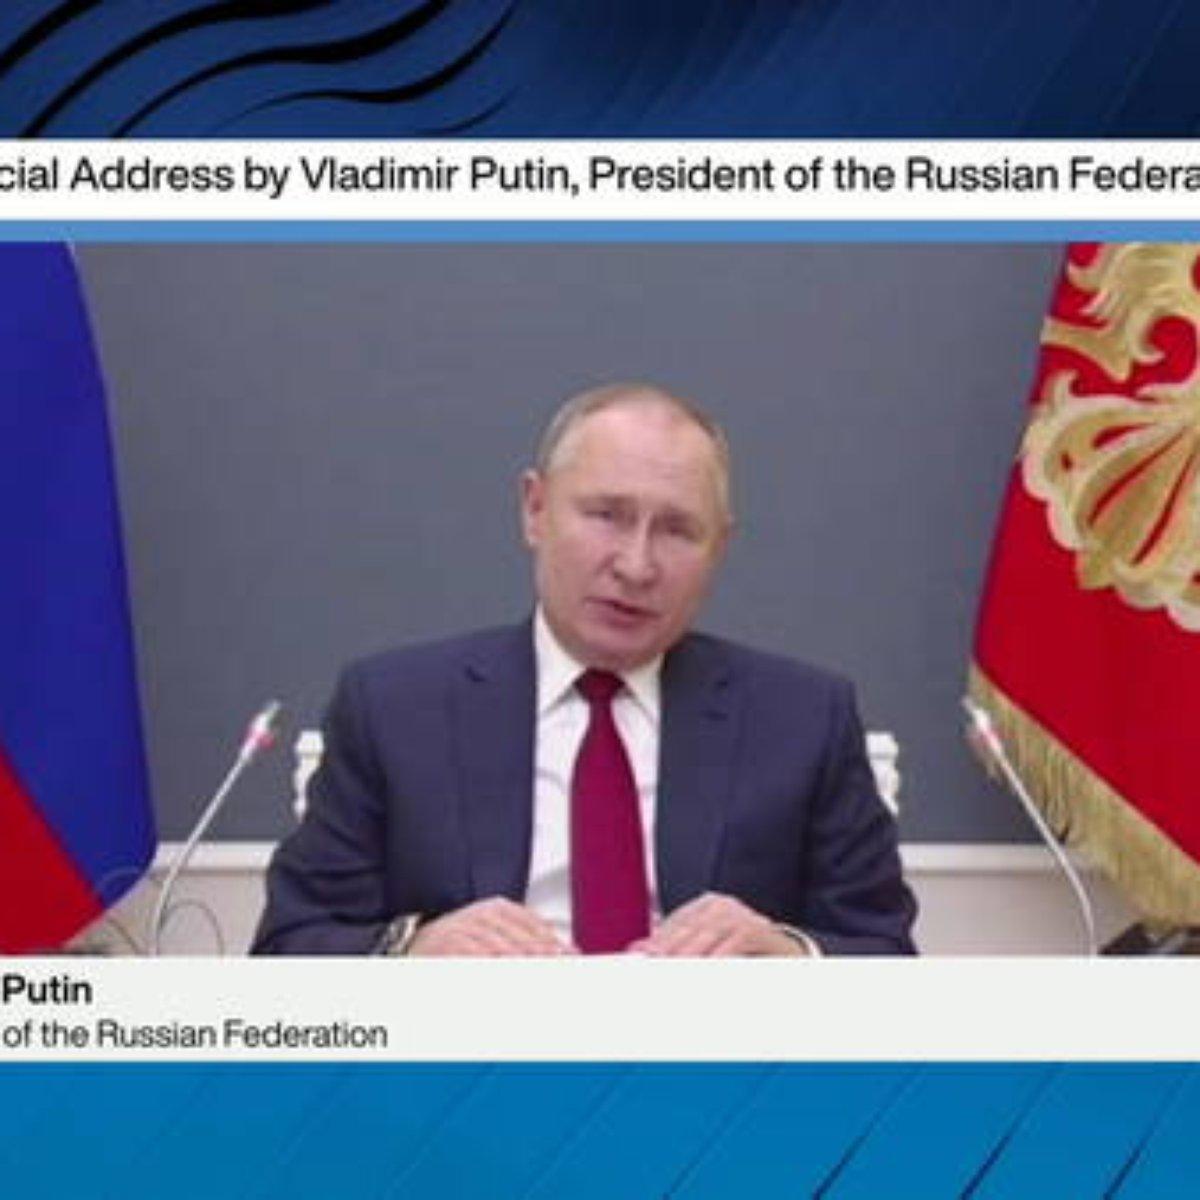 Em Davos, Putin fala sobre 'distopia' causada pela Covid-19